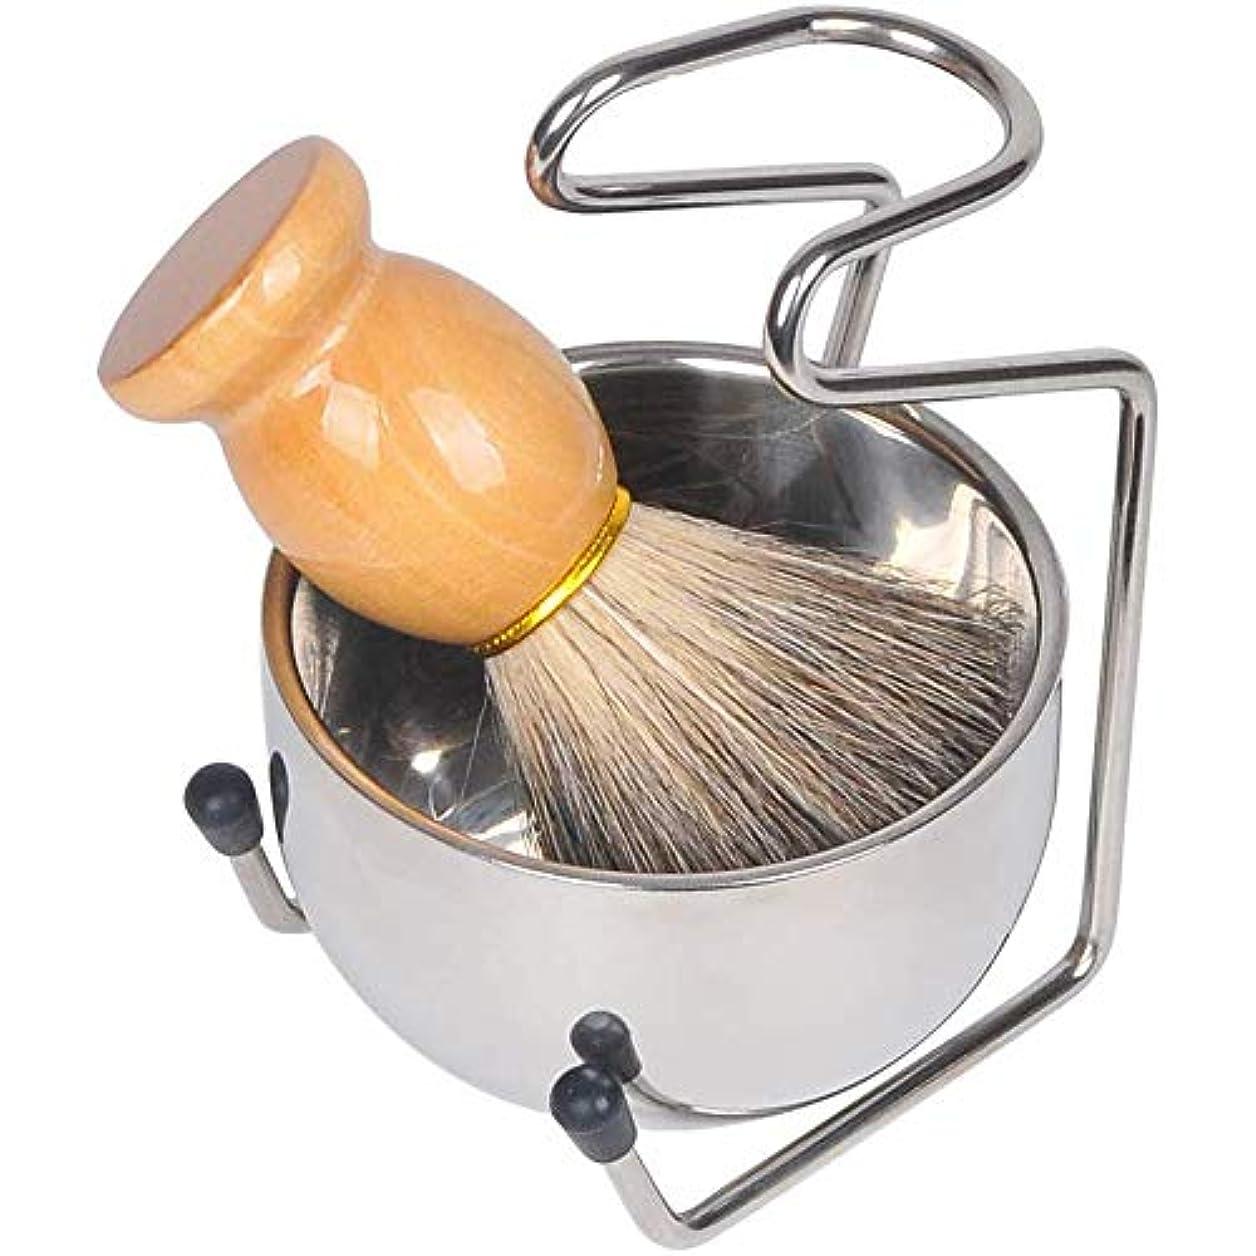 マネージャー精緻化付き添い人3点セット ひげブラシ シェービング石鹸ボウルシェービングブラシセット洗顔ブラシ メンズ 理容 髭剃り 泡立ち毛